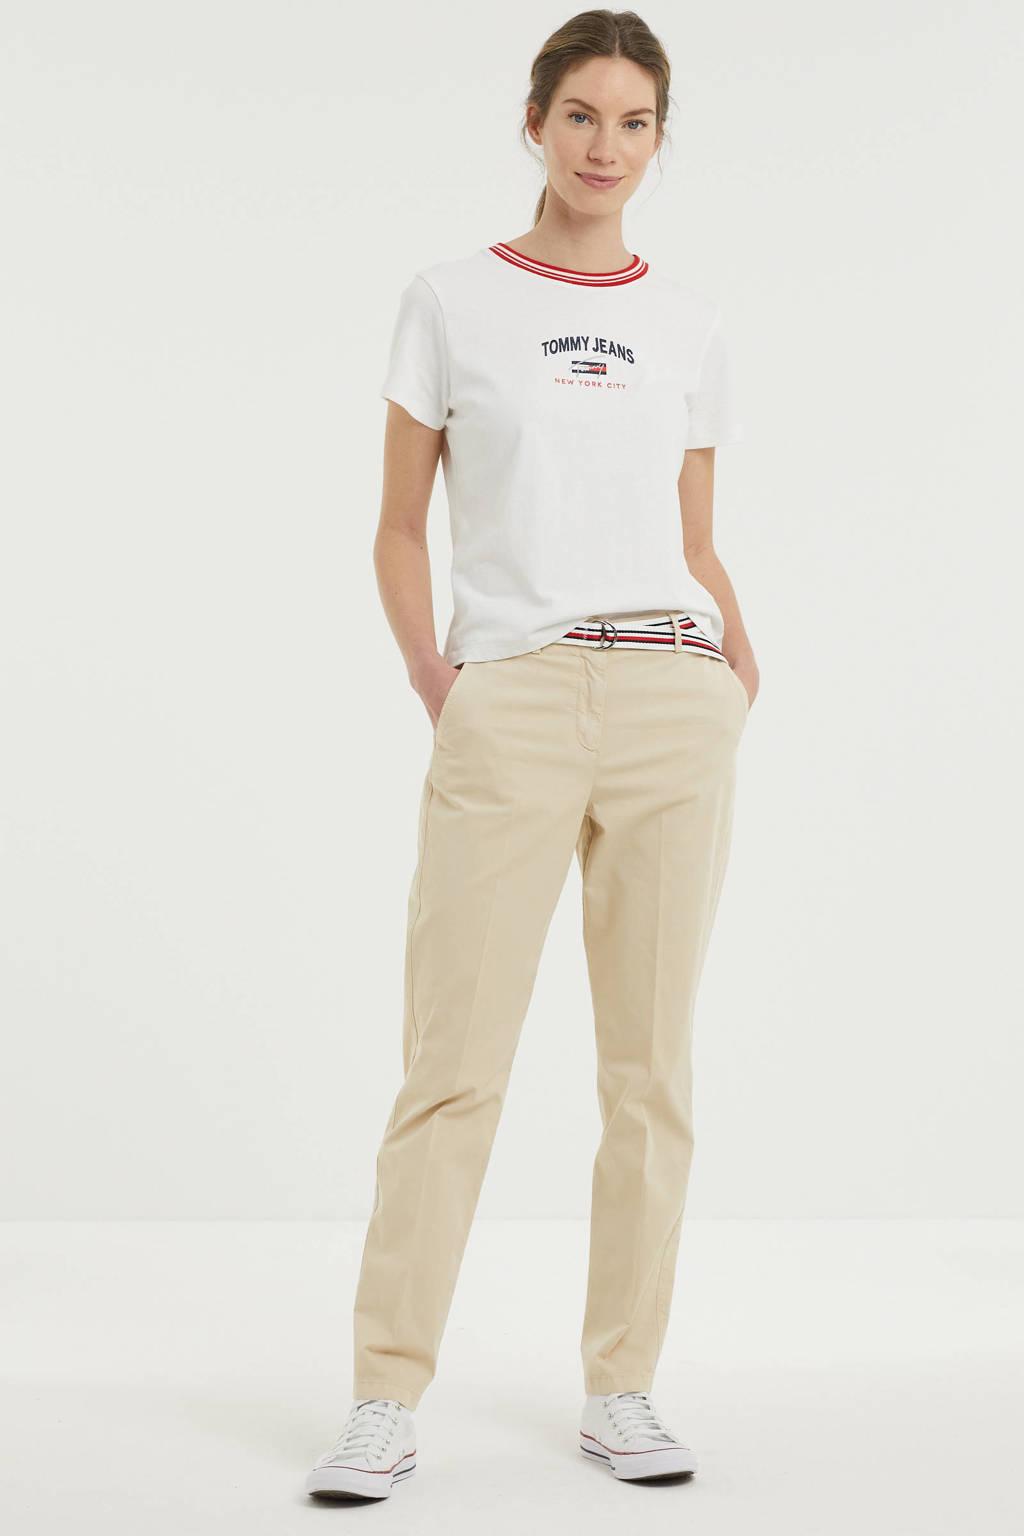 Tommy Jeans T-shirt van biologisch katoen wit, Wit